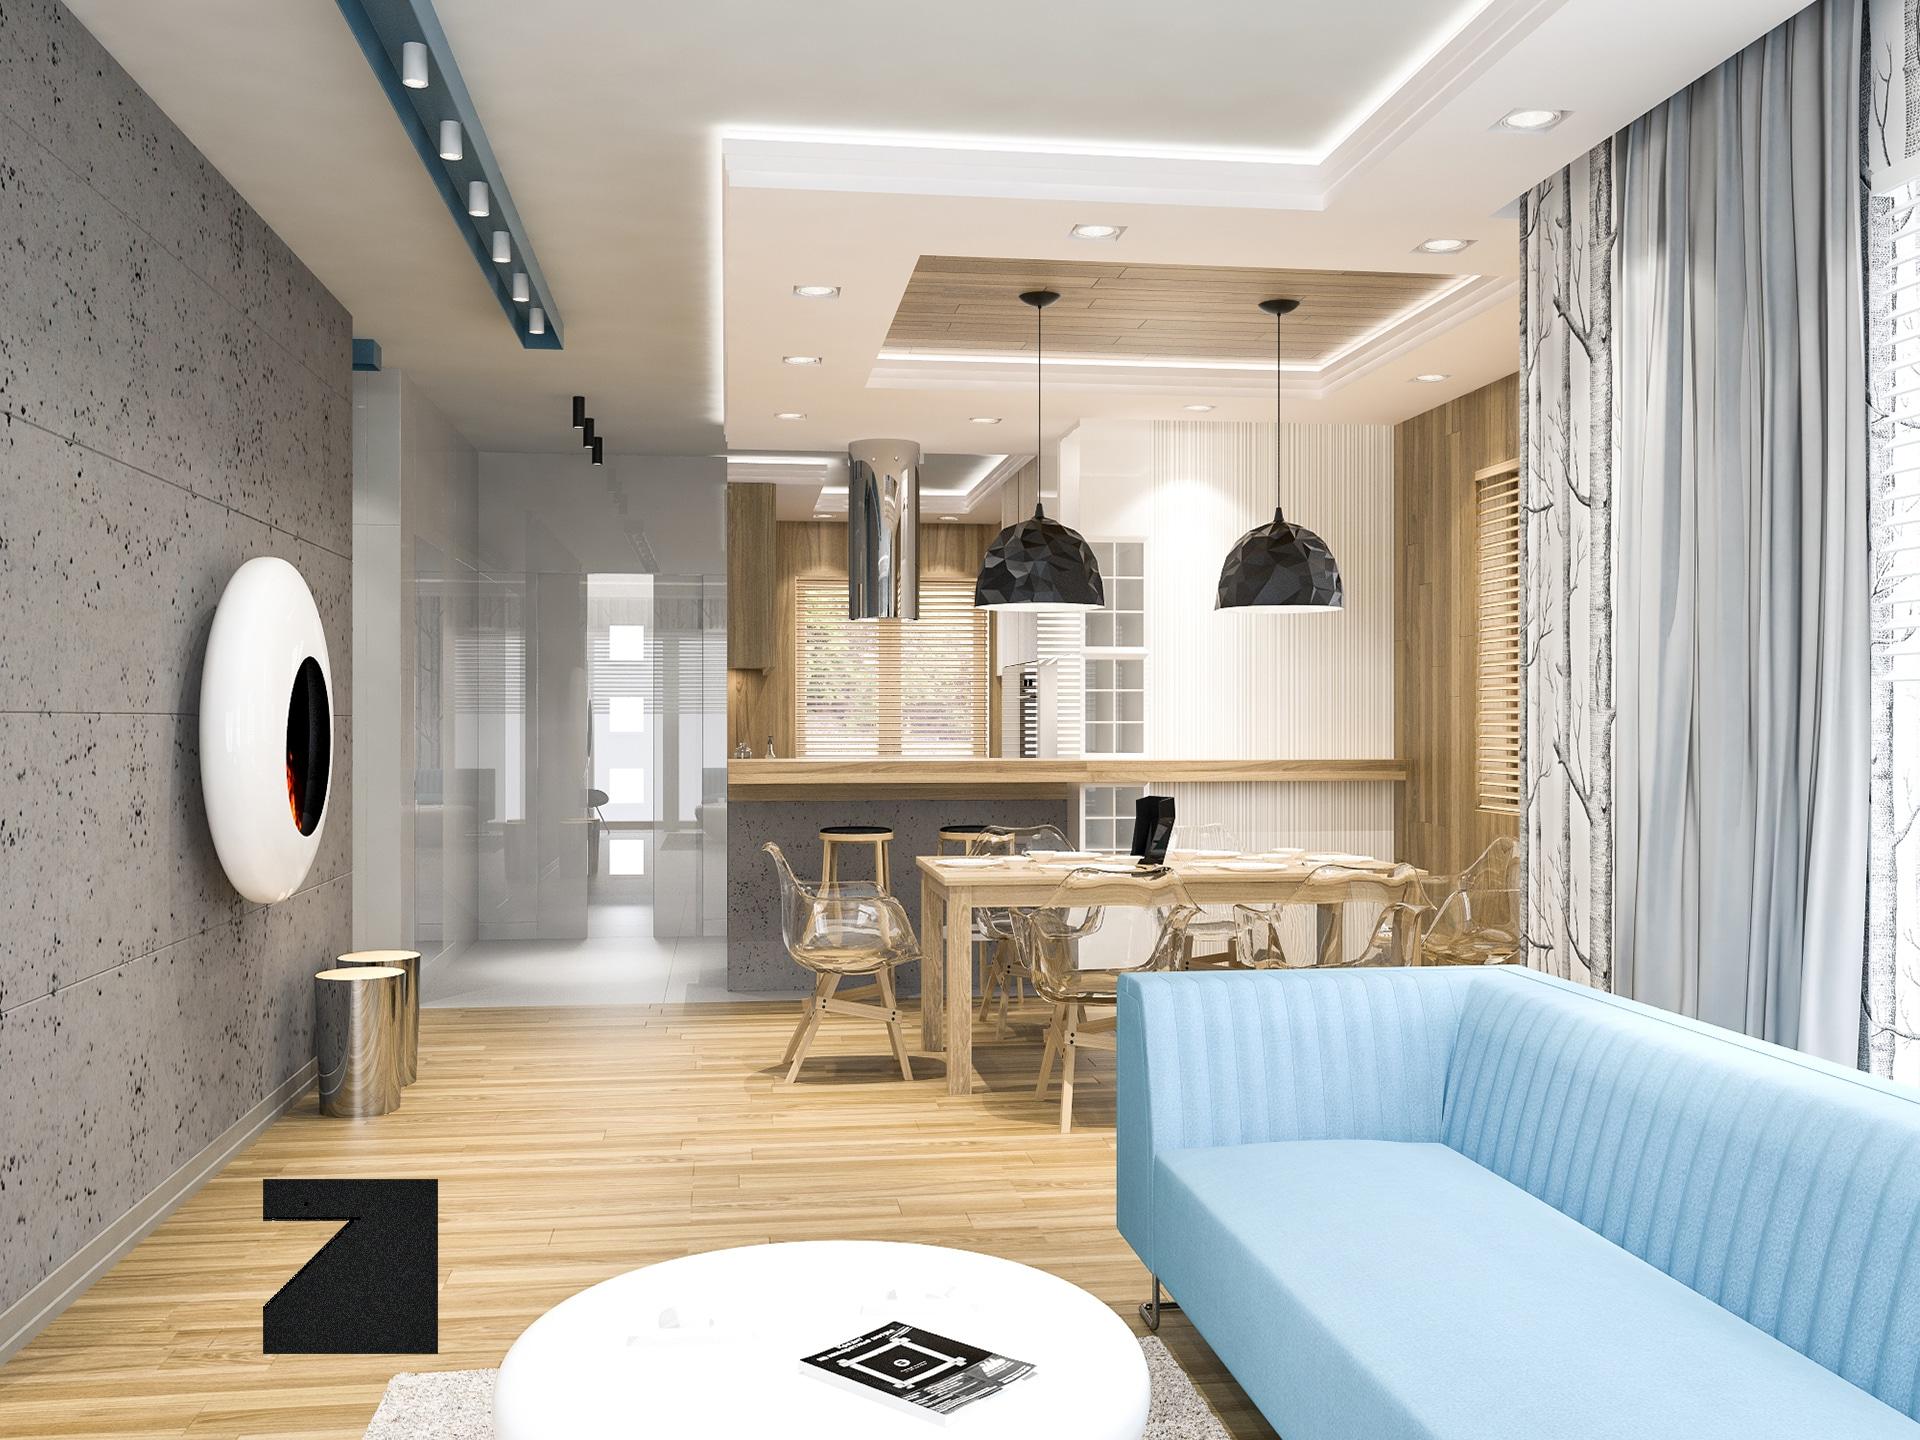 Lesinska - projekt luksusowego wnętrza